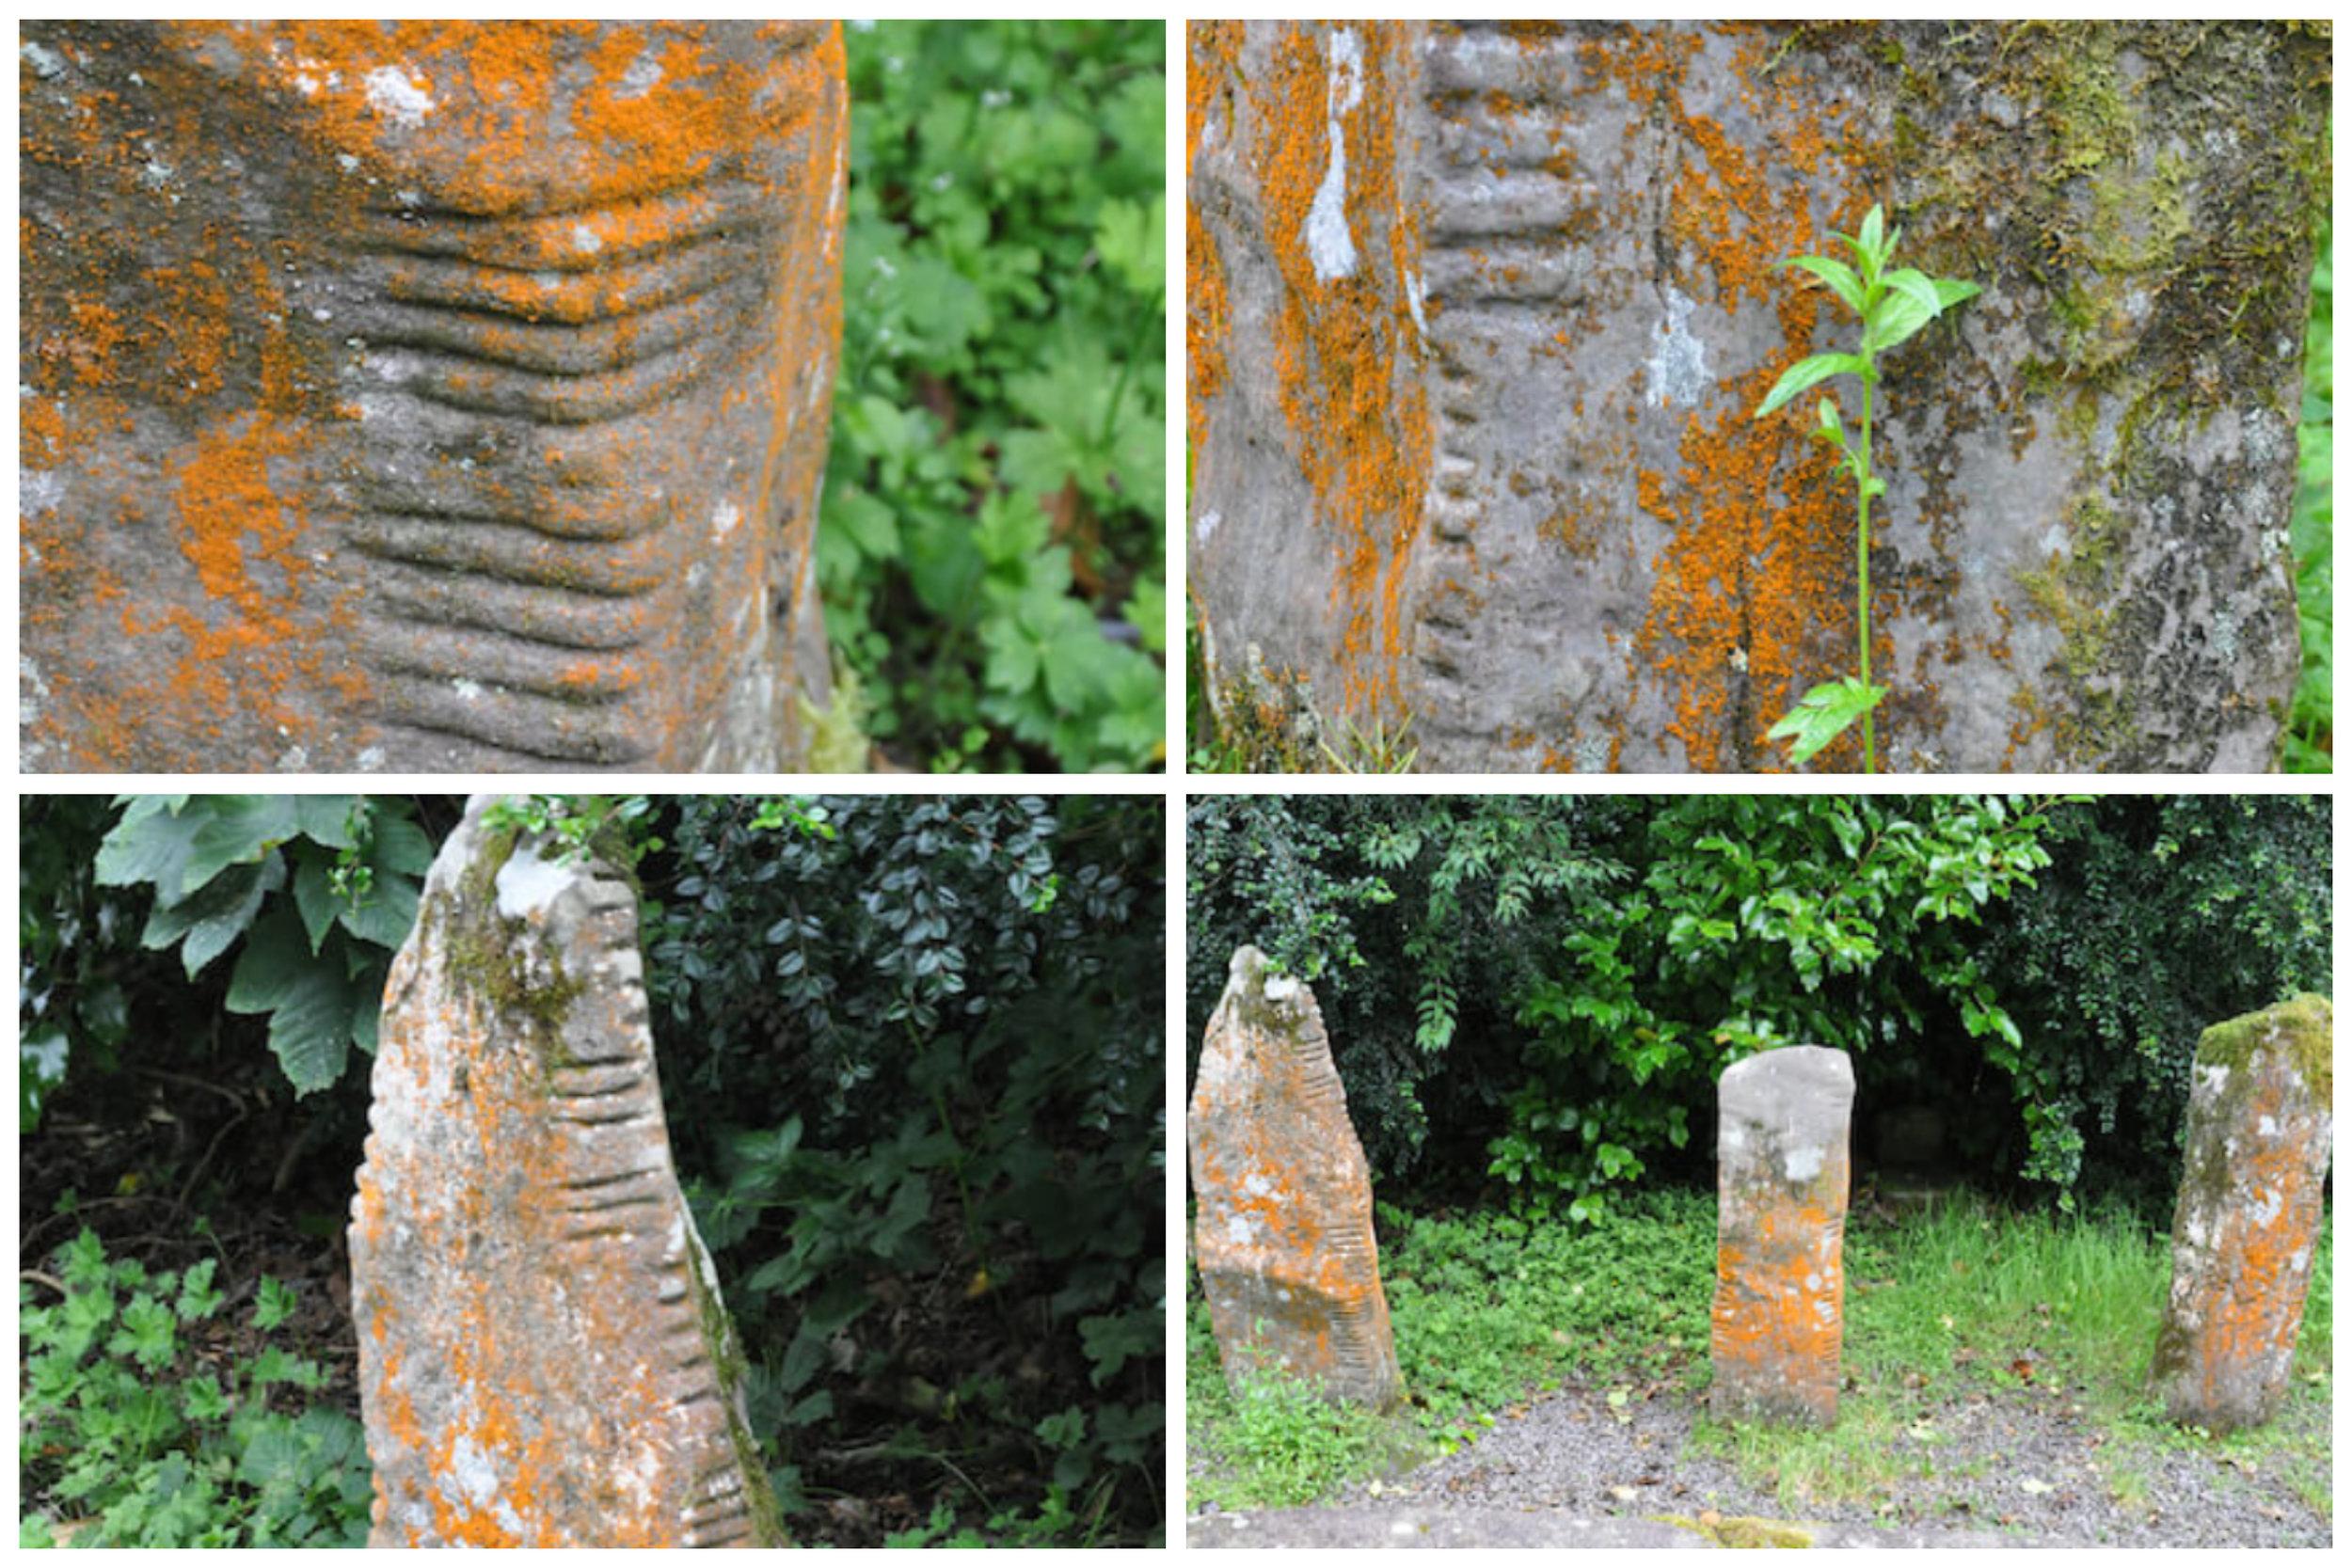 Ogham stones. Photo credit: Meg Pier